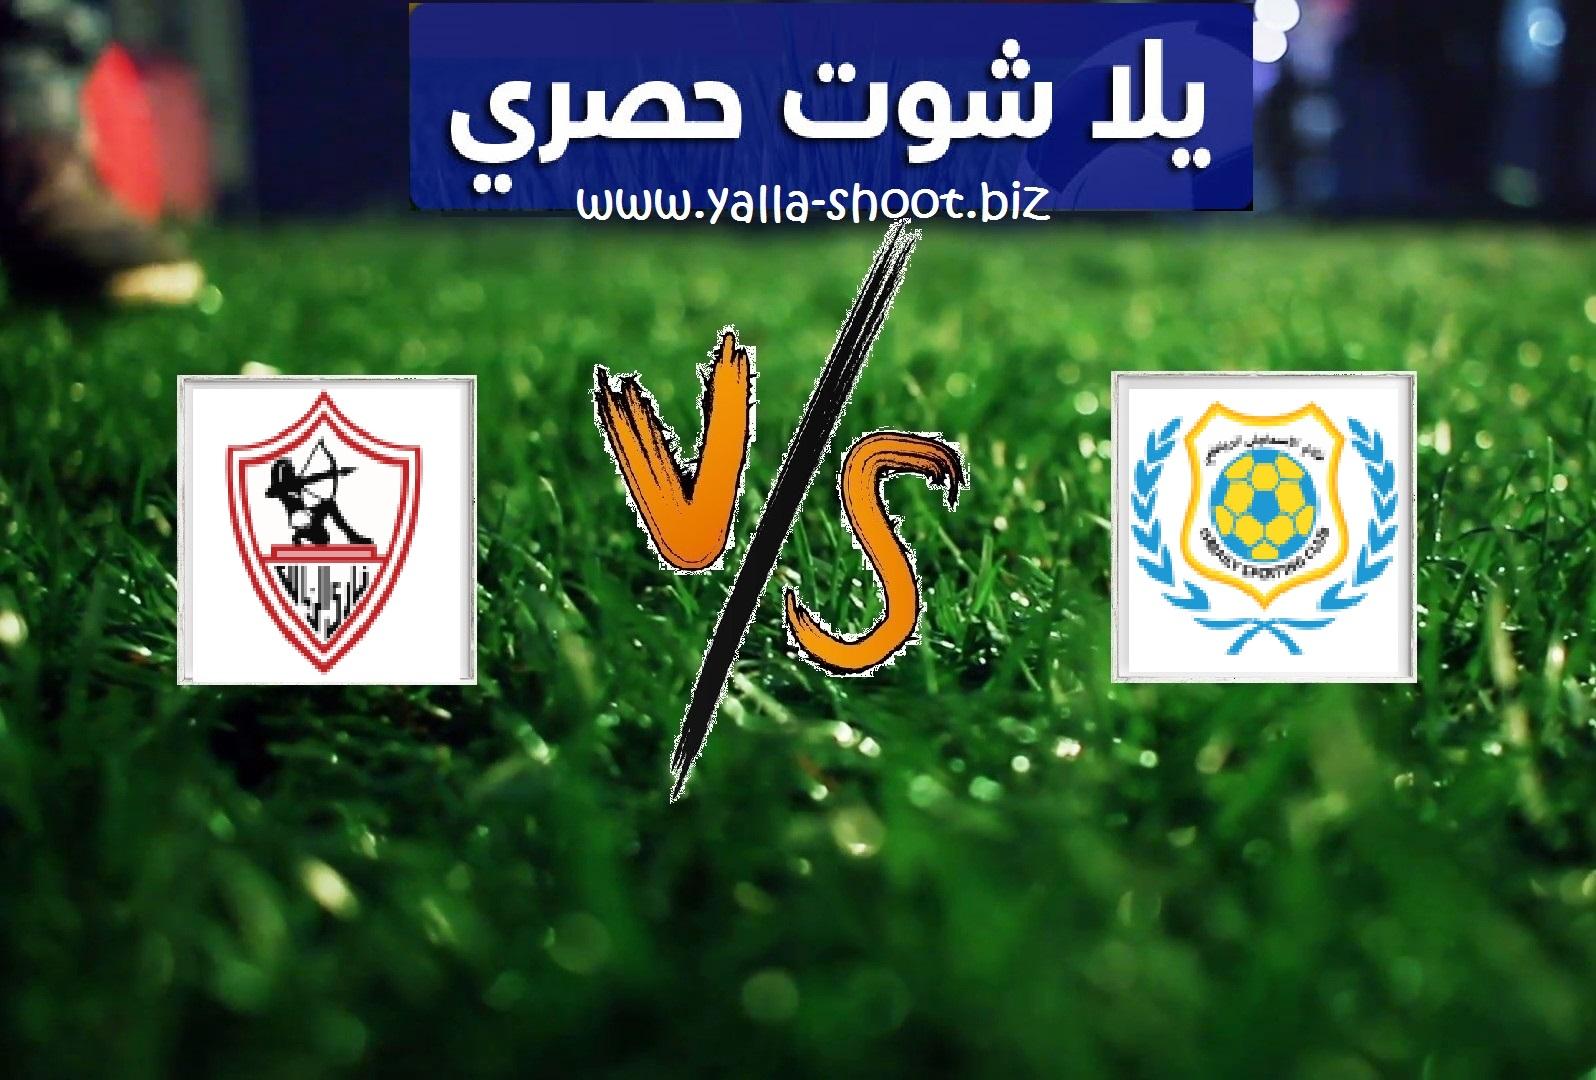 نتيجة مباراة الزمالك والاسماعيلي بتاريخ 09-02-2020 الدوري المصري